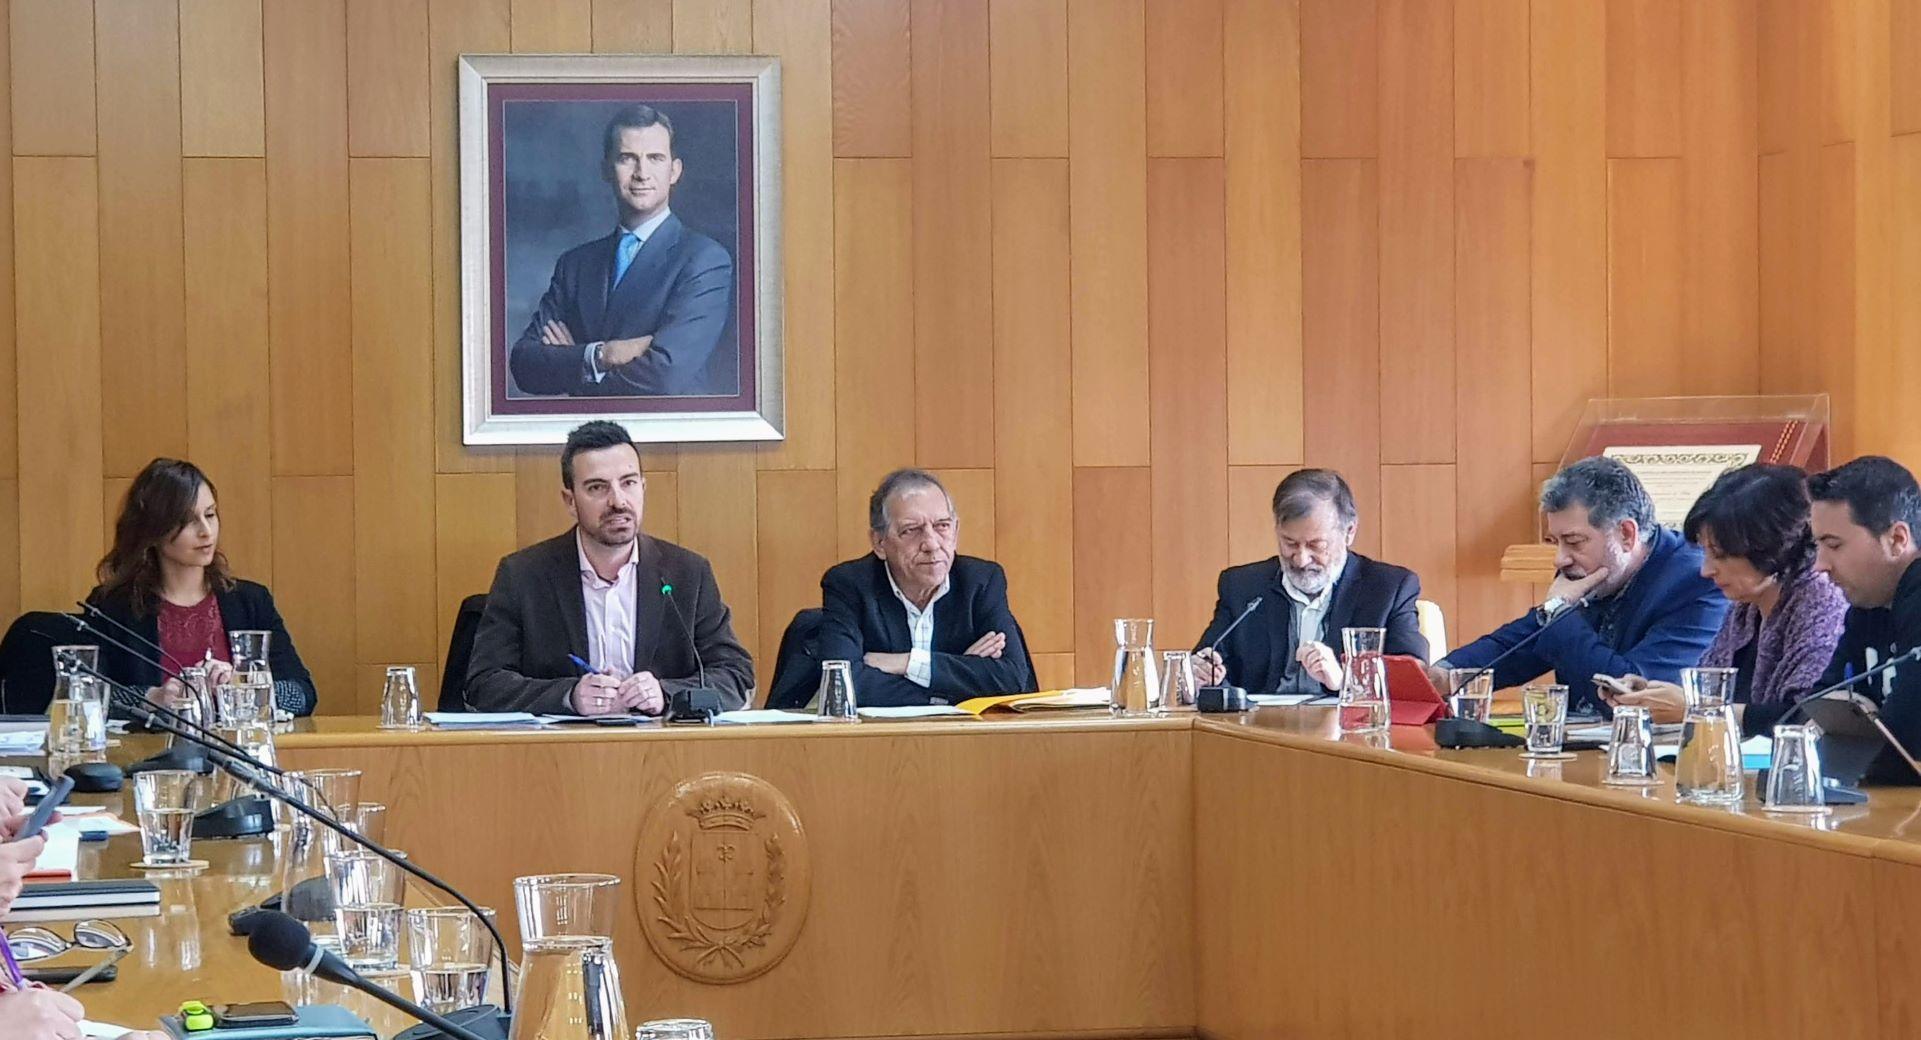 El Consejo Municipal de la FP de Elda acuerda solicitar otros 10 nuevos ciclos formativos para el próximo curso